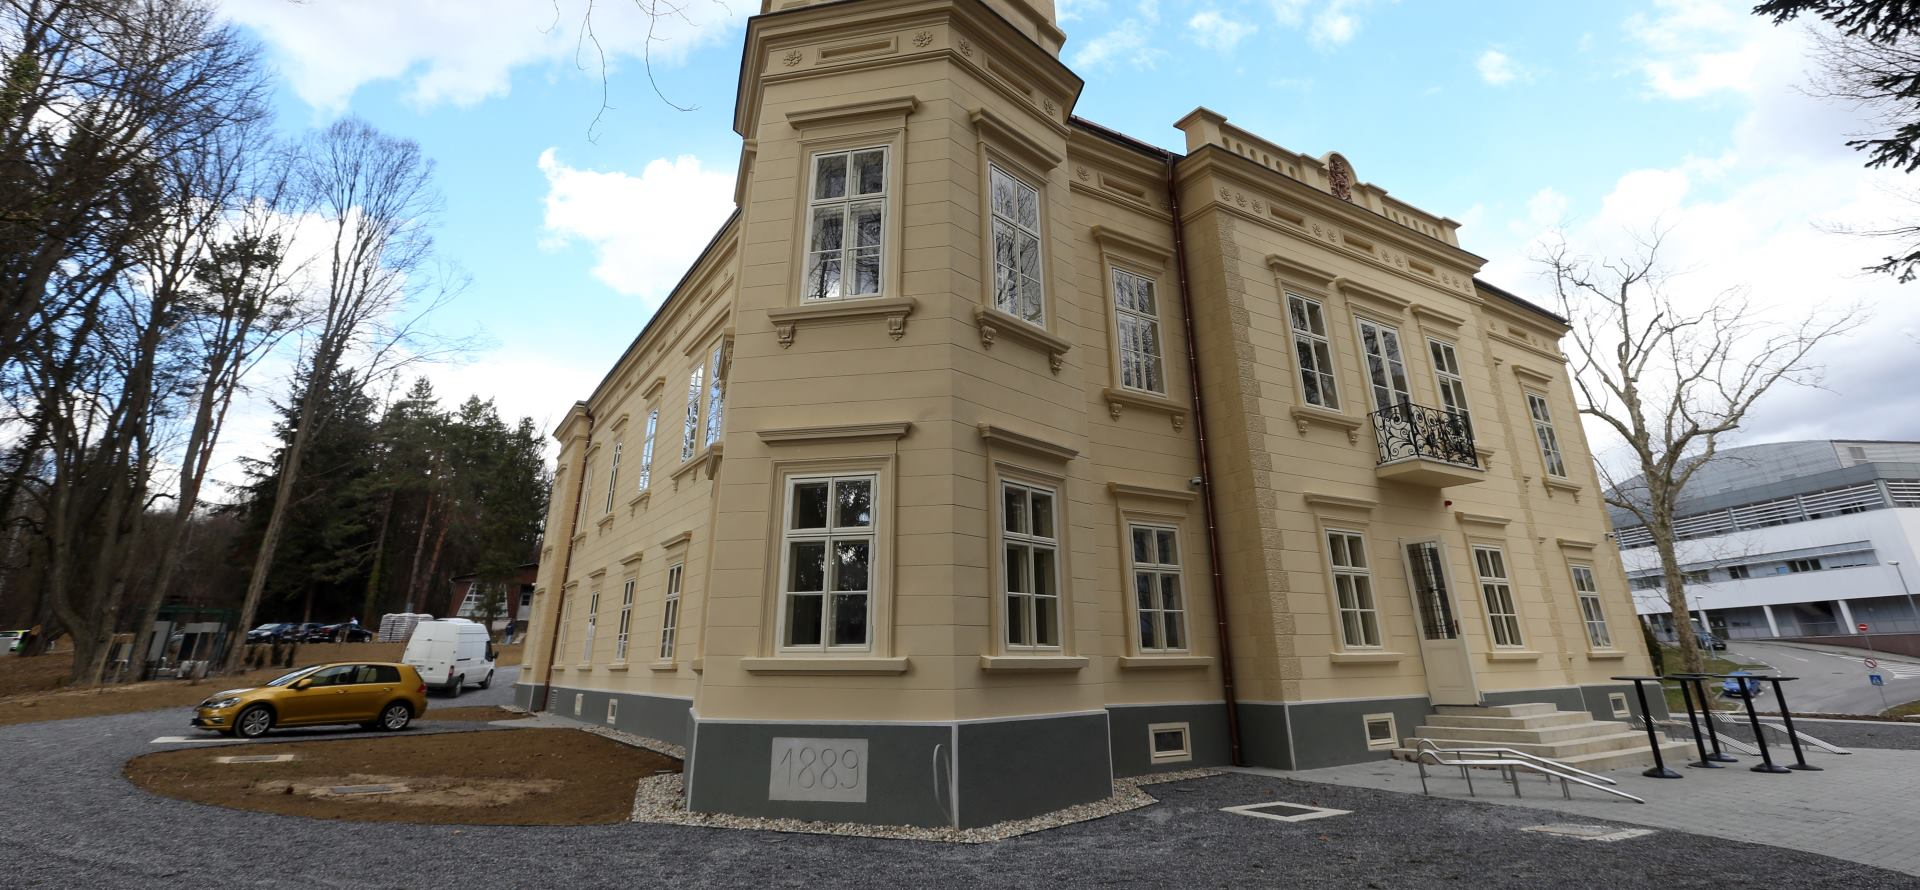 Prvi europski ured WBAF-a otvara se u Zaboku